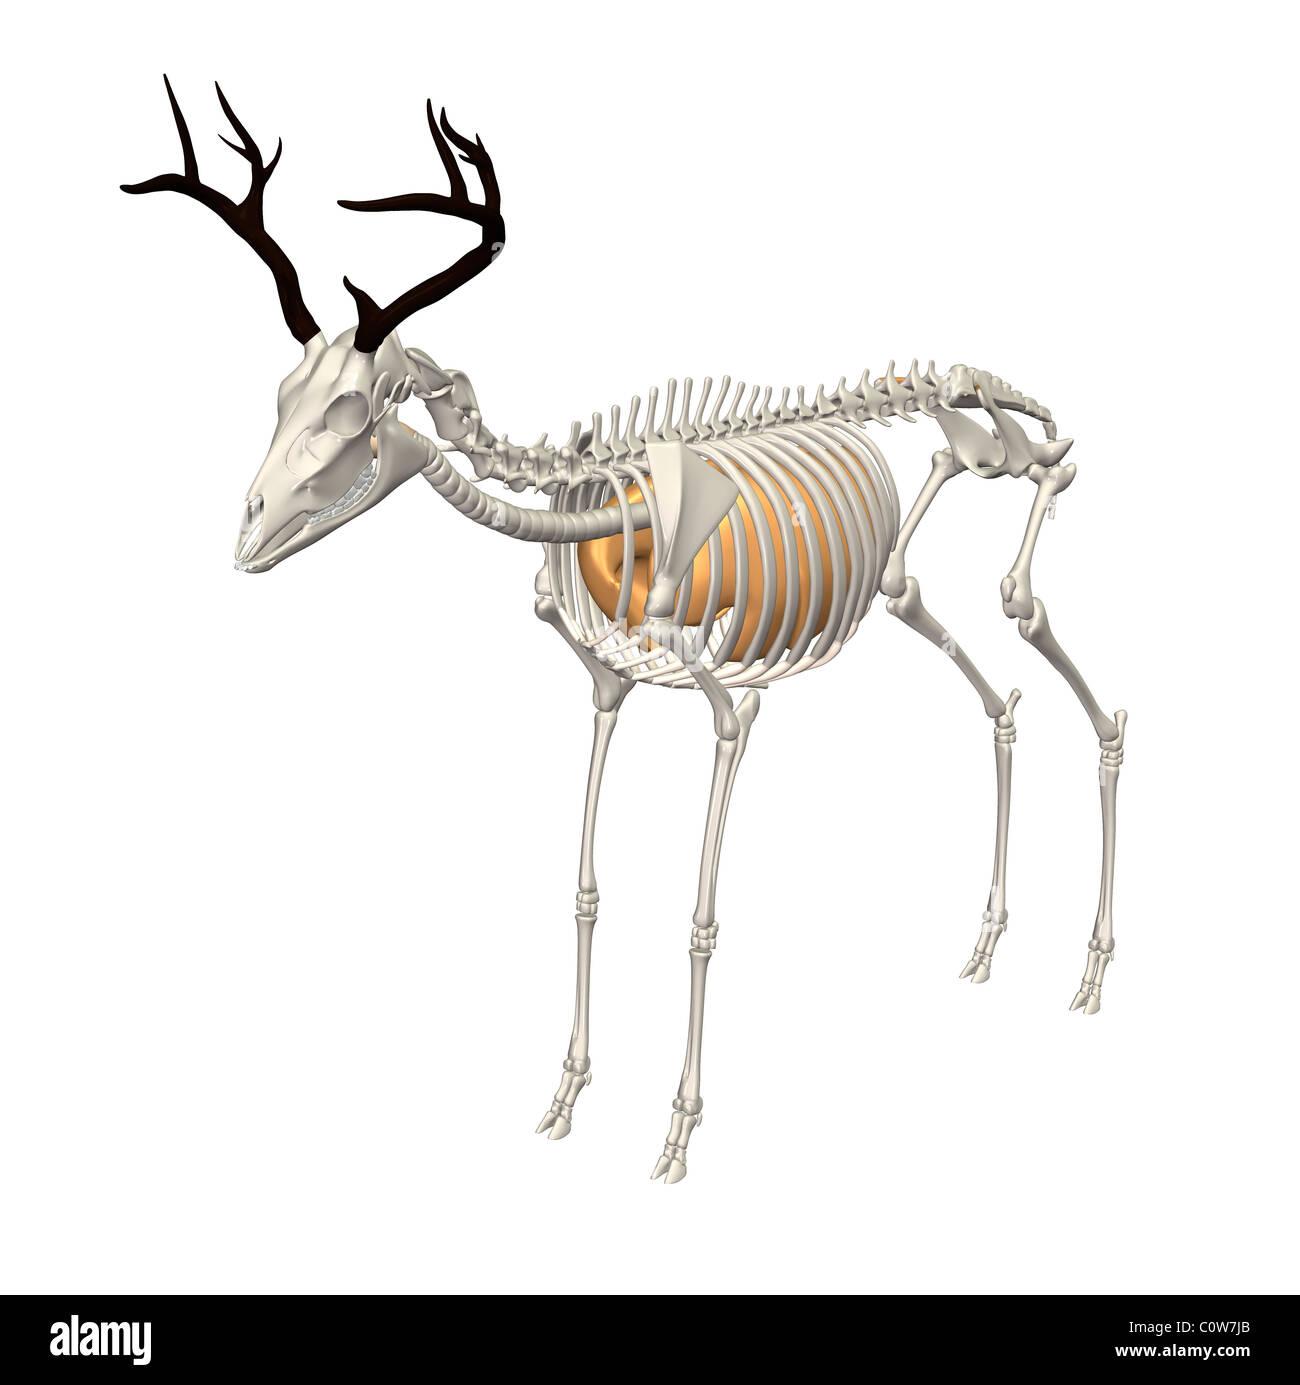 Hirsch Anatomie Atemwege Lunge Skelett durchsichtigen Körper ...